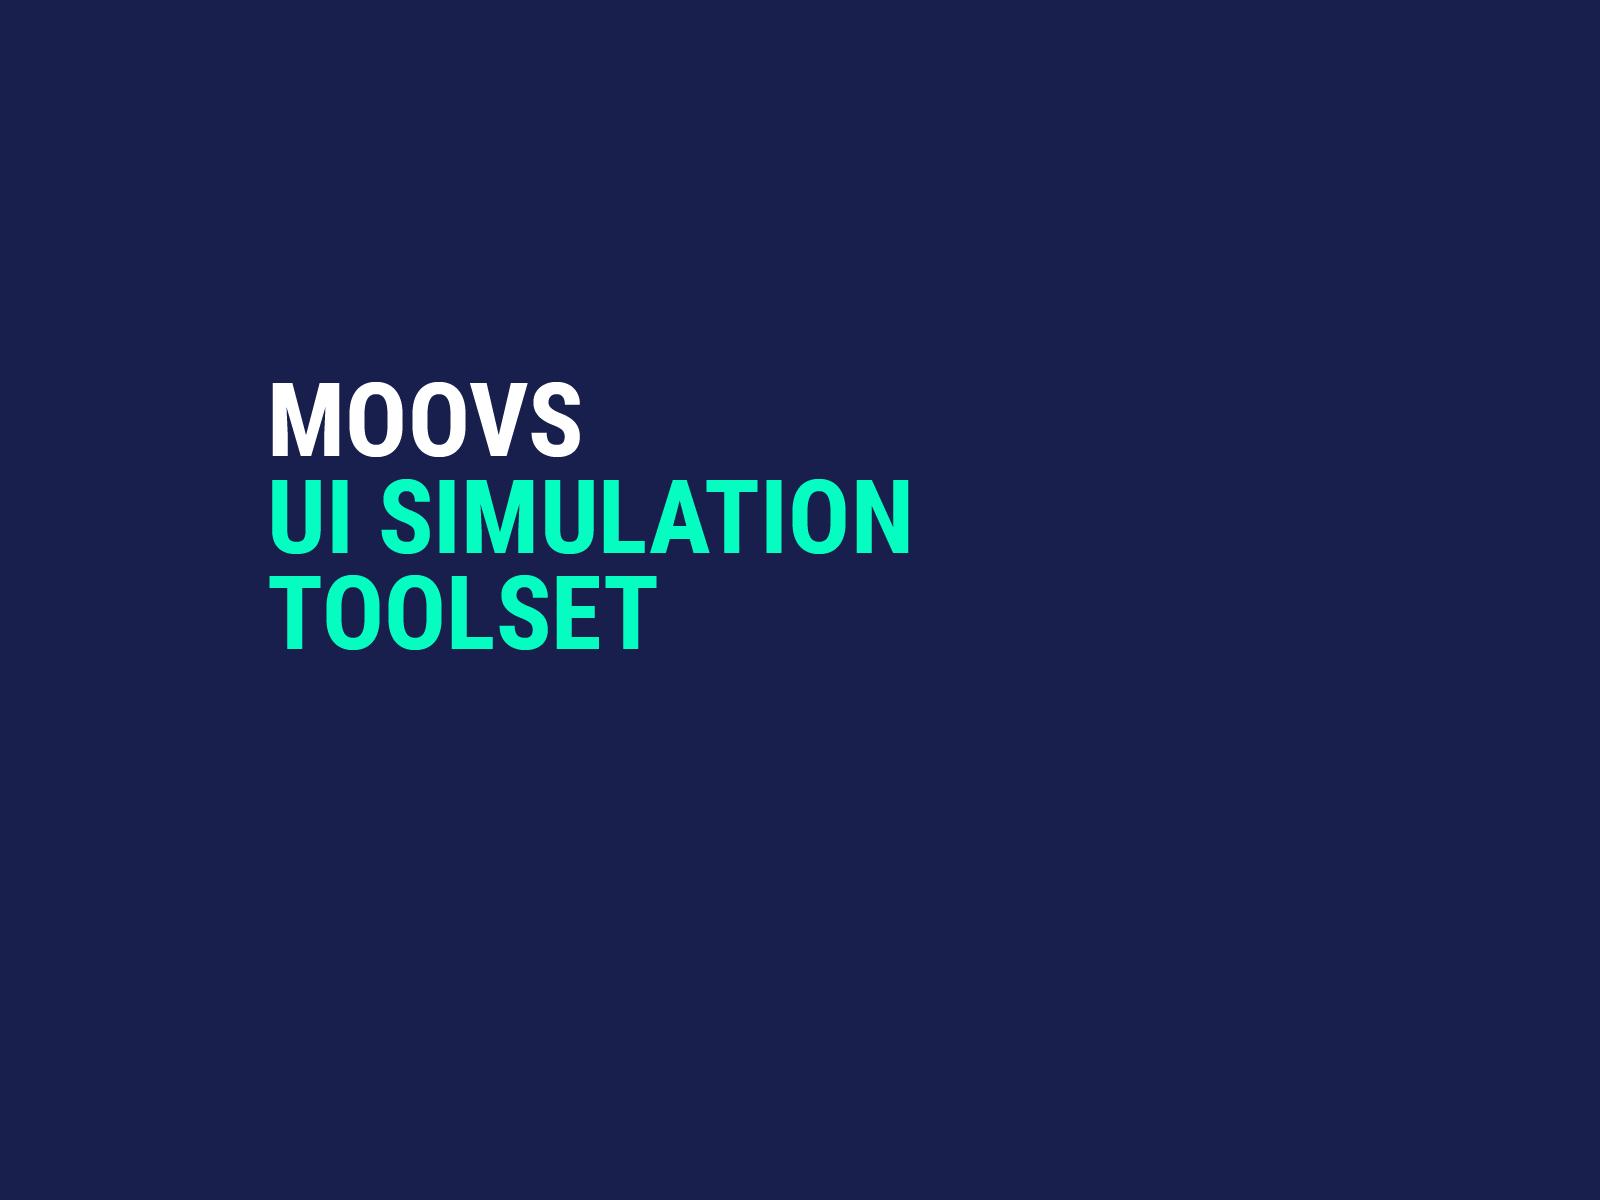 Moovs UI tools